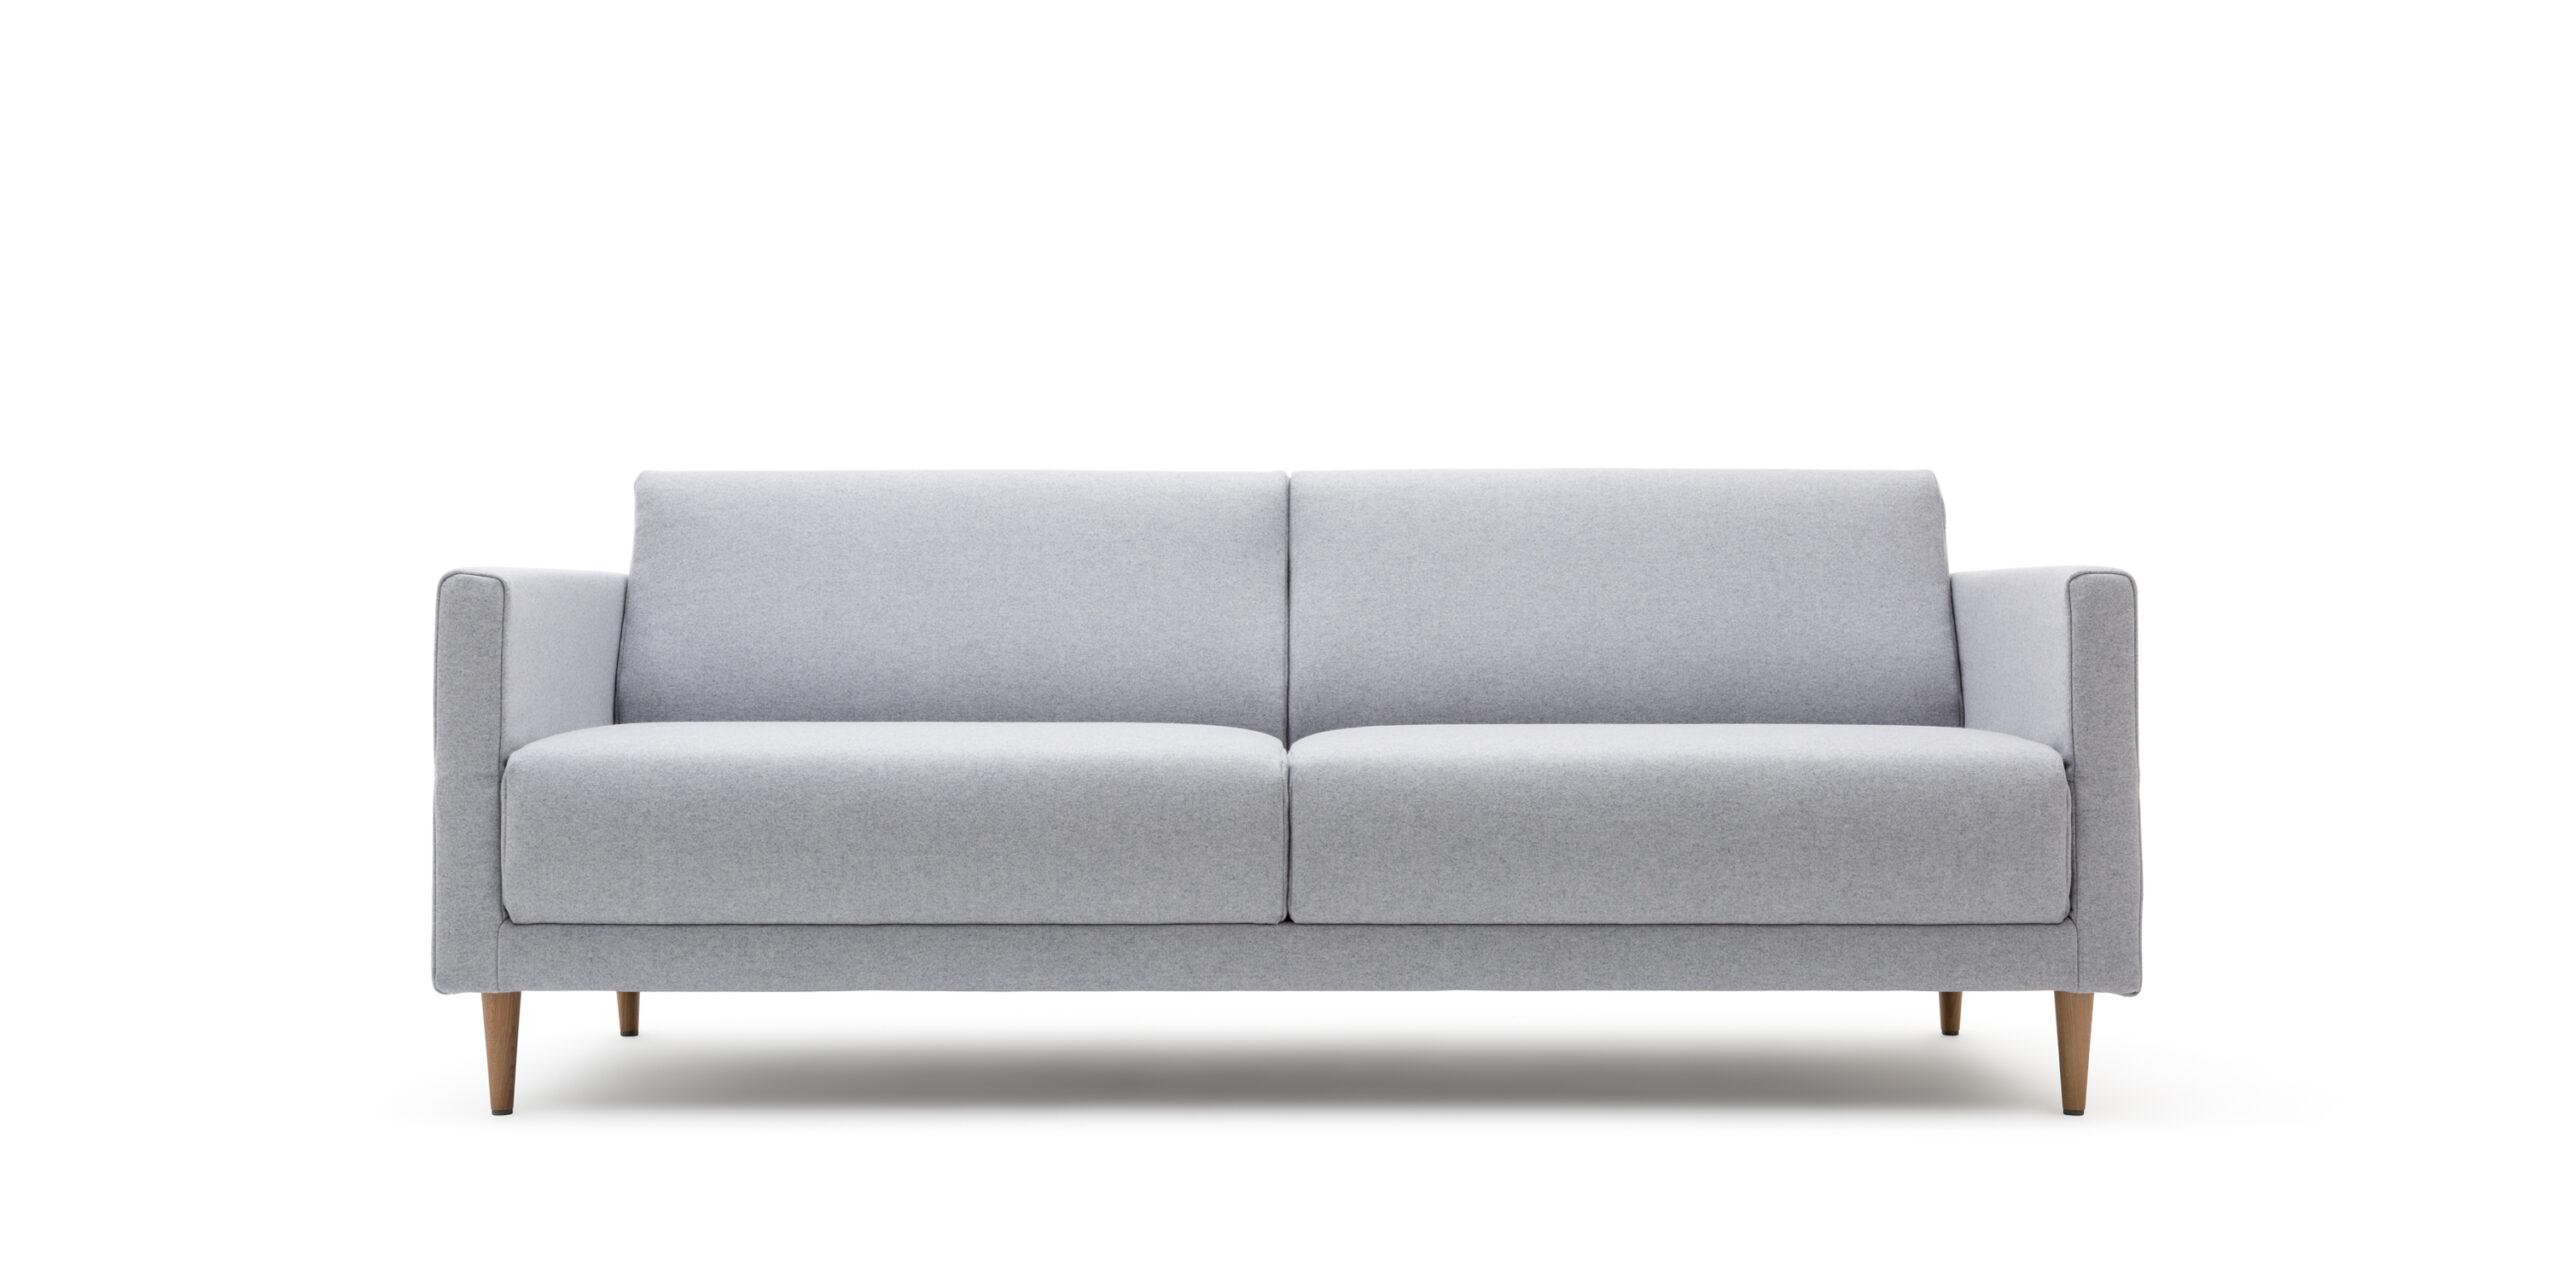 Full Size of Sofa Rolf Benz Nova Gebraucht Freistil 185 Cara Plural Couch Sale Sessel Schwarz 133 Outlet 141 Mit Boxen Relaxfunktion Elektrisch Natura Kaufen Günstig Sofa Sofa Rolf Benz